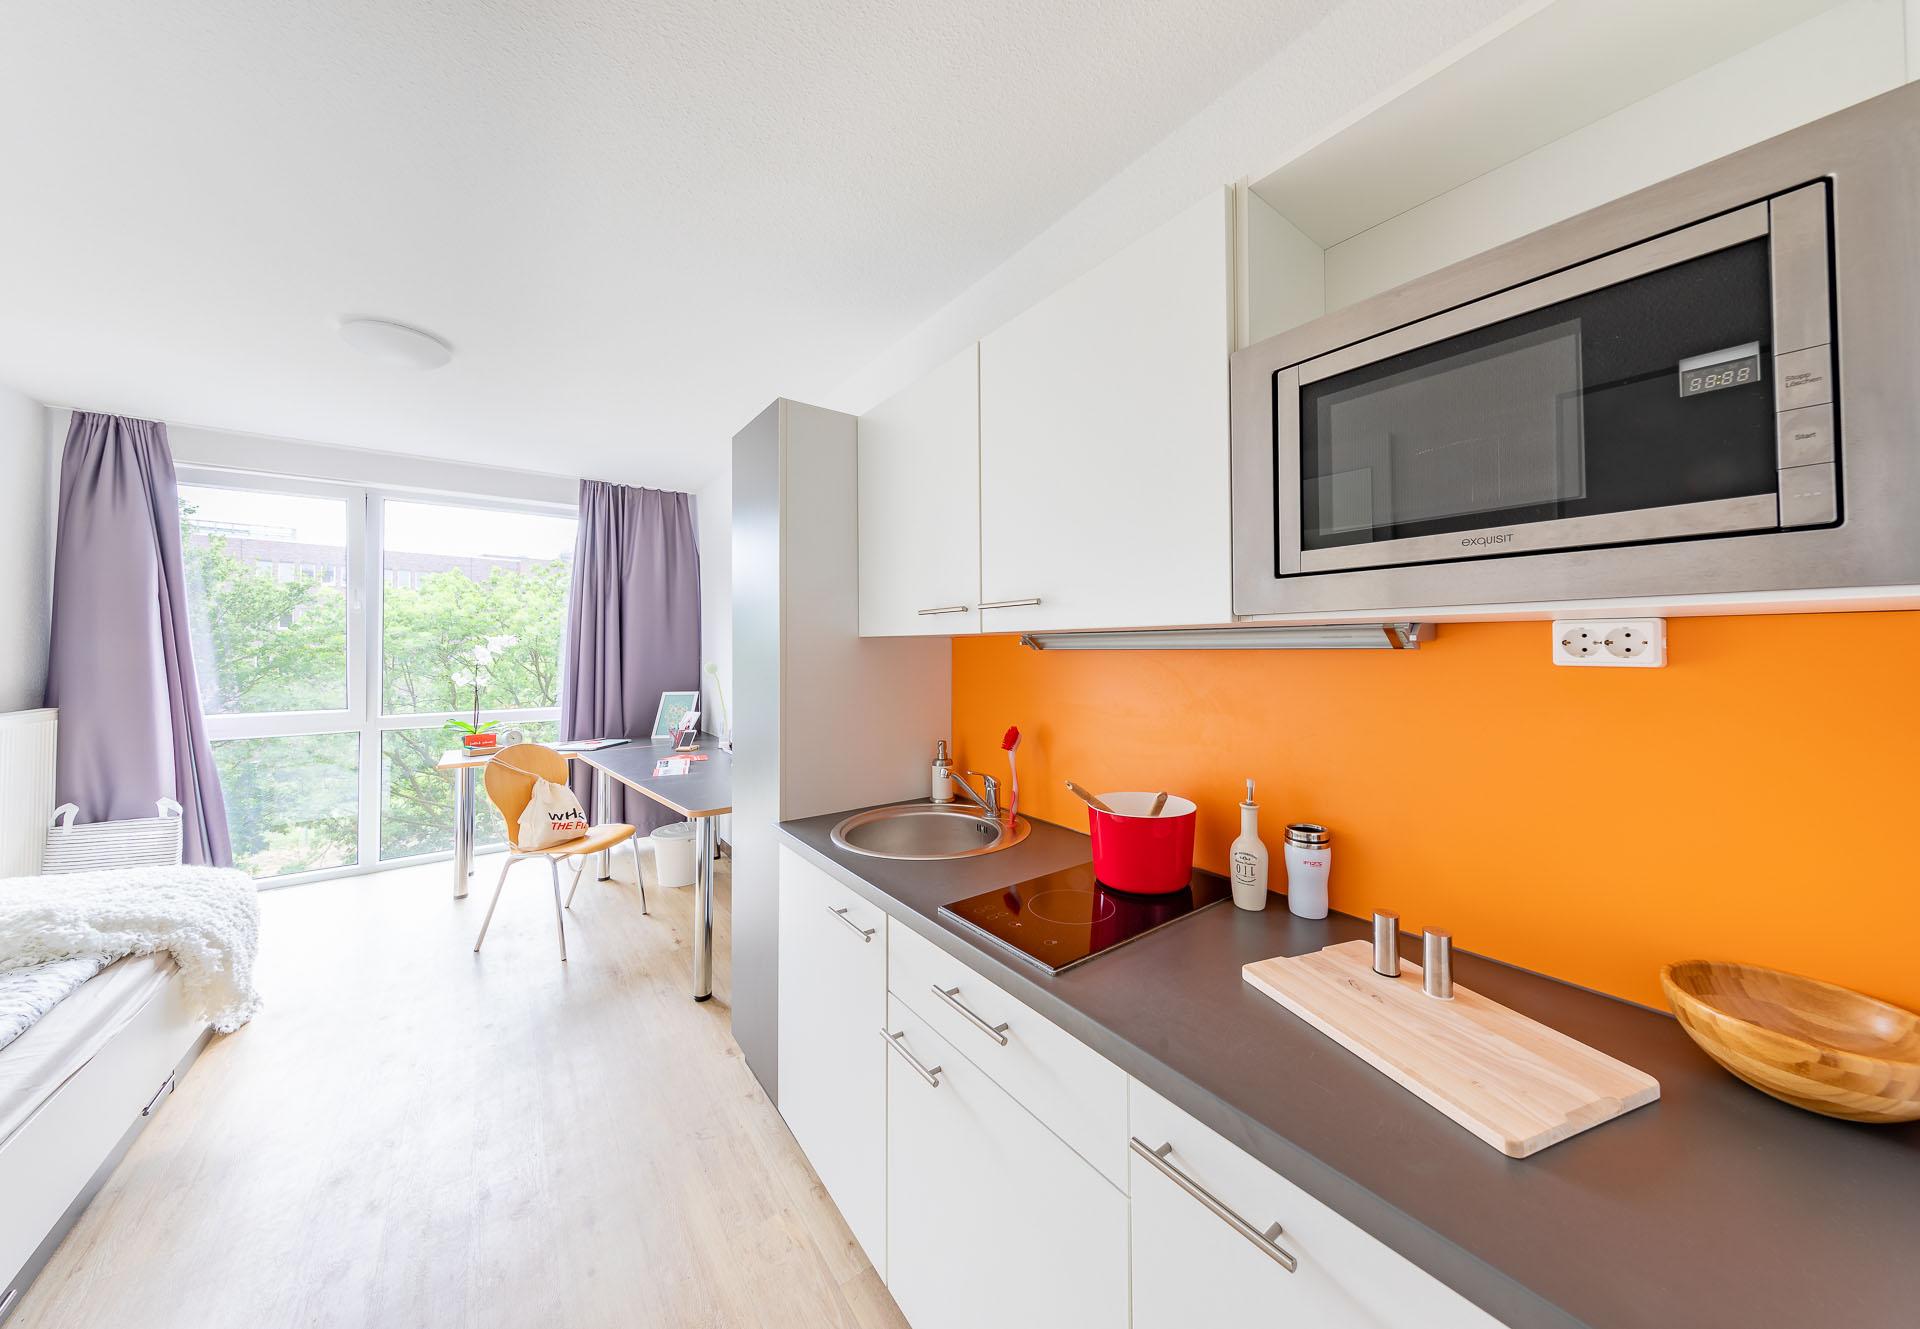 THE FIZZ Bremen Small Apartment - Kochbereich